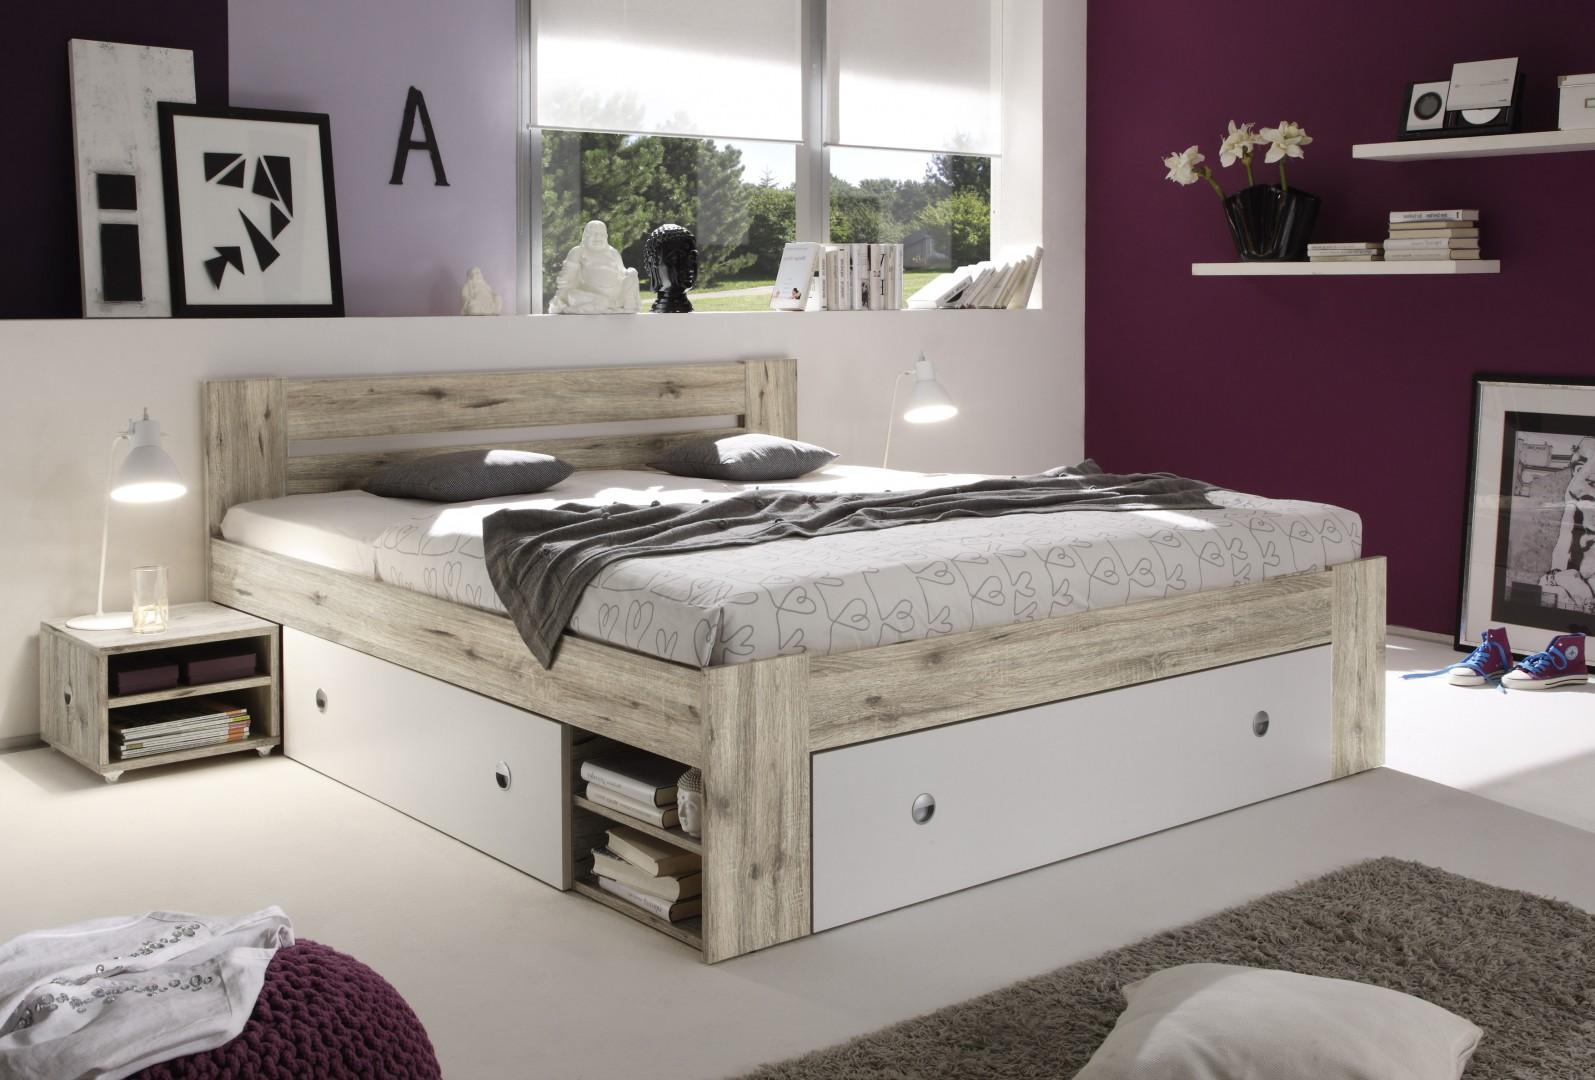 Łóżko Stefan posiada wygodne i pojemne szuflady pod materacem. Fot. Black Red White